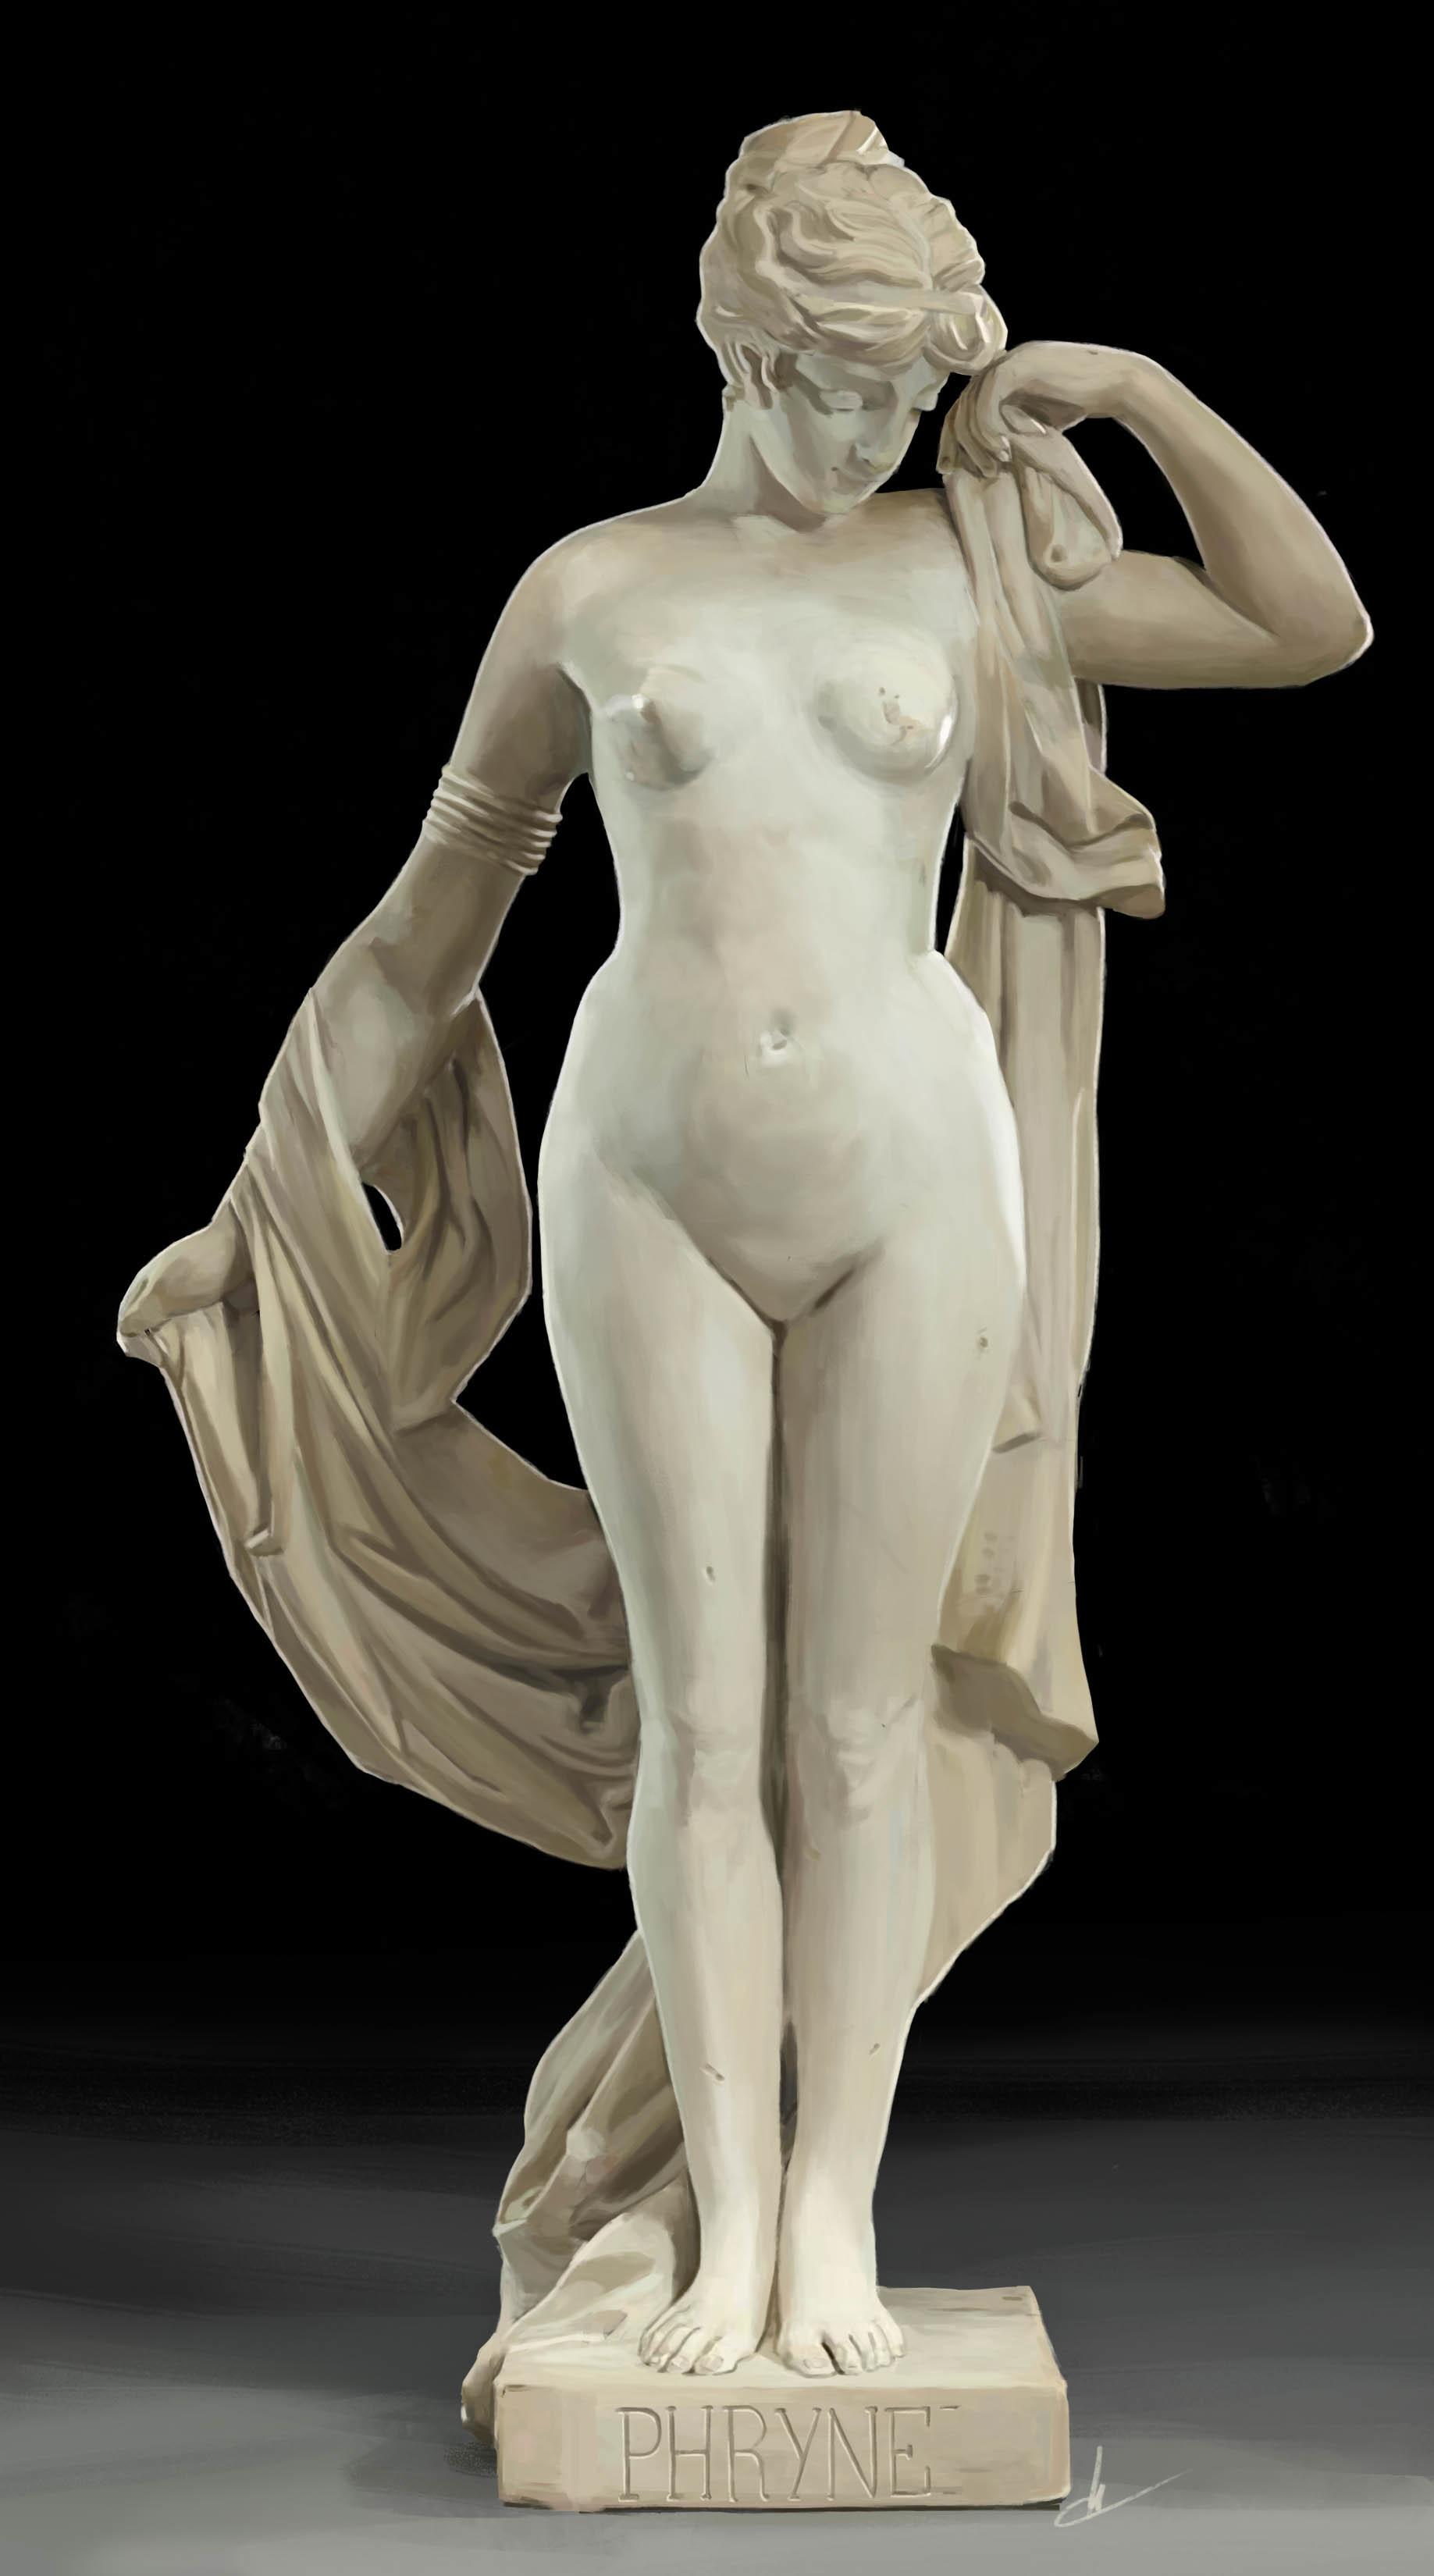 Classic nude sculpture